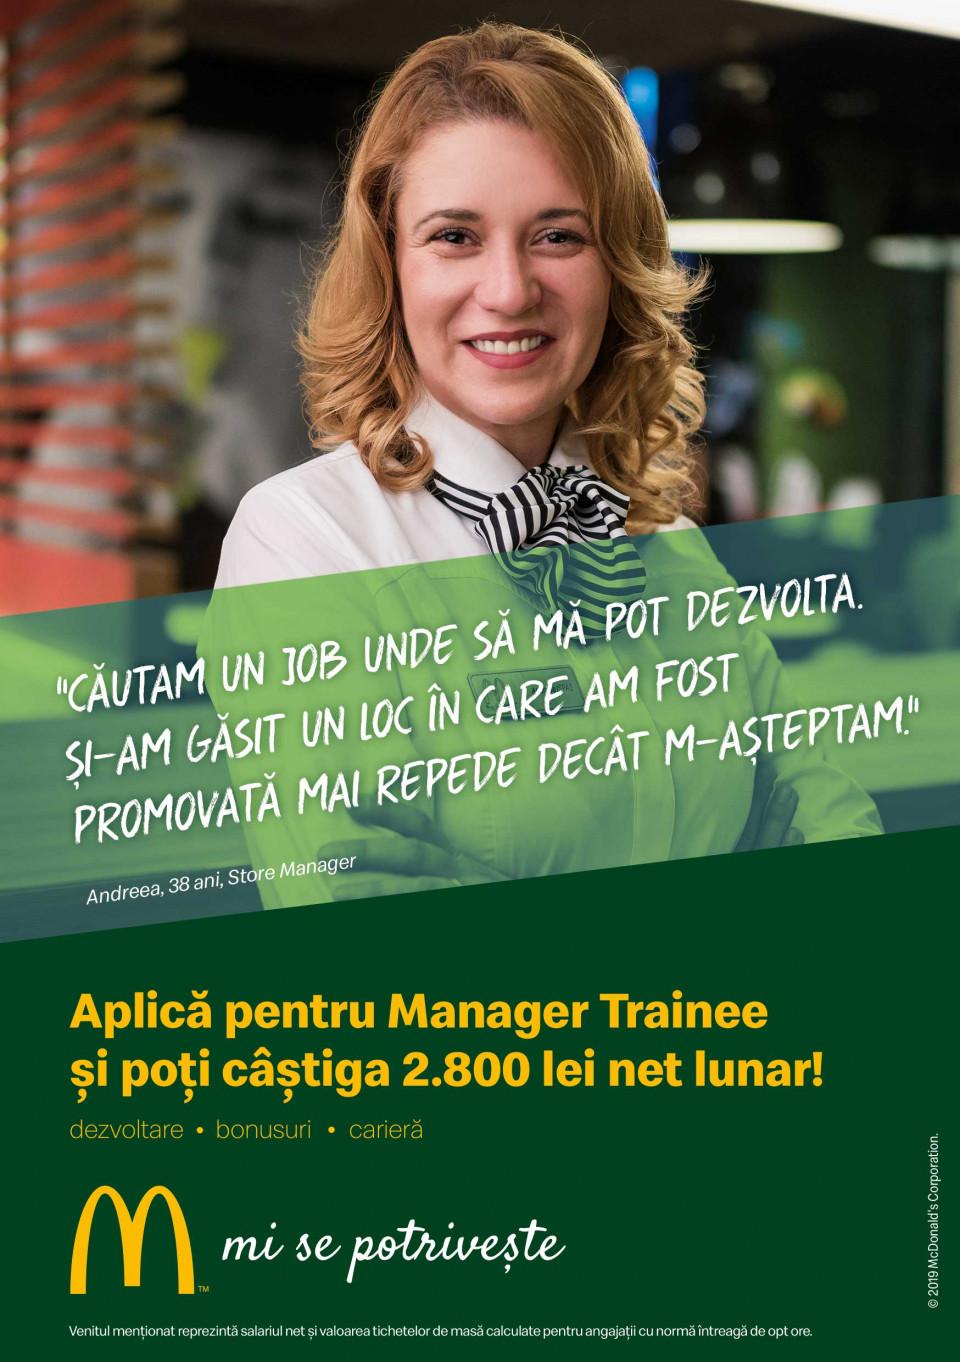 McDonald's în România Manager Trainee - McDonald's CraiovaCei 5.000 de angajați ai McDonald's în România știu ce înseamnă puterea unui zâmbet.  Echipa McDonald's e formată din oameni muncitori, ambițioși, pentru care interacțiunea cu alți oameni este o bucurie. În fiecare zi, angajații McDonald's întâmpină peste 210.000 de clienți. Ne dorim să aducem în echipa noastră colegi dornici să învețe și să crească în cadrul unei echipe puternice și ambițioase.  McDonald's a deschis primul restaurant în România pe 16 iunie 1995, în Unirea Shopping Center din București. A fost primul pas în construirea unei povești de succes, care se dezvoltă în fiecare an.  În 2016, McDonald's în România a devenit Premier Restaurants România, ca urmare a parteneriatului pentru dezvoltare încheiat cu Premier Capital, compania malteză care coordonează operațiunile McDonald's din șase țări europene: Estonia, Grecia, Letonia, Lituania, Malta și România.  Astăzi, McDonald's are 78 de restaurante în 23 de orașe din România și este liderul pieței de restaurante cu servire rapidă. În același timp, lanțul McCafé, are în prezent 33 de cafenele în România și crește de la an la an.http://mcdonalds.ro  Brasov si Oradea